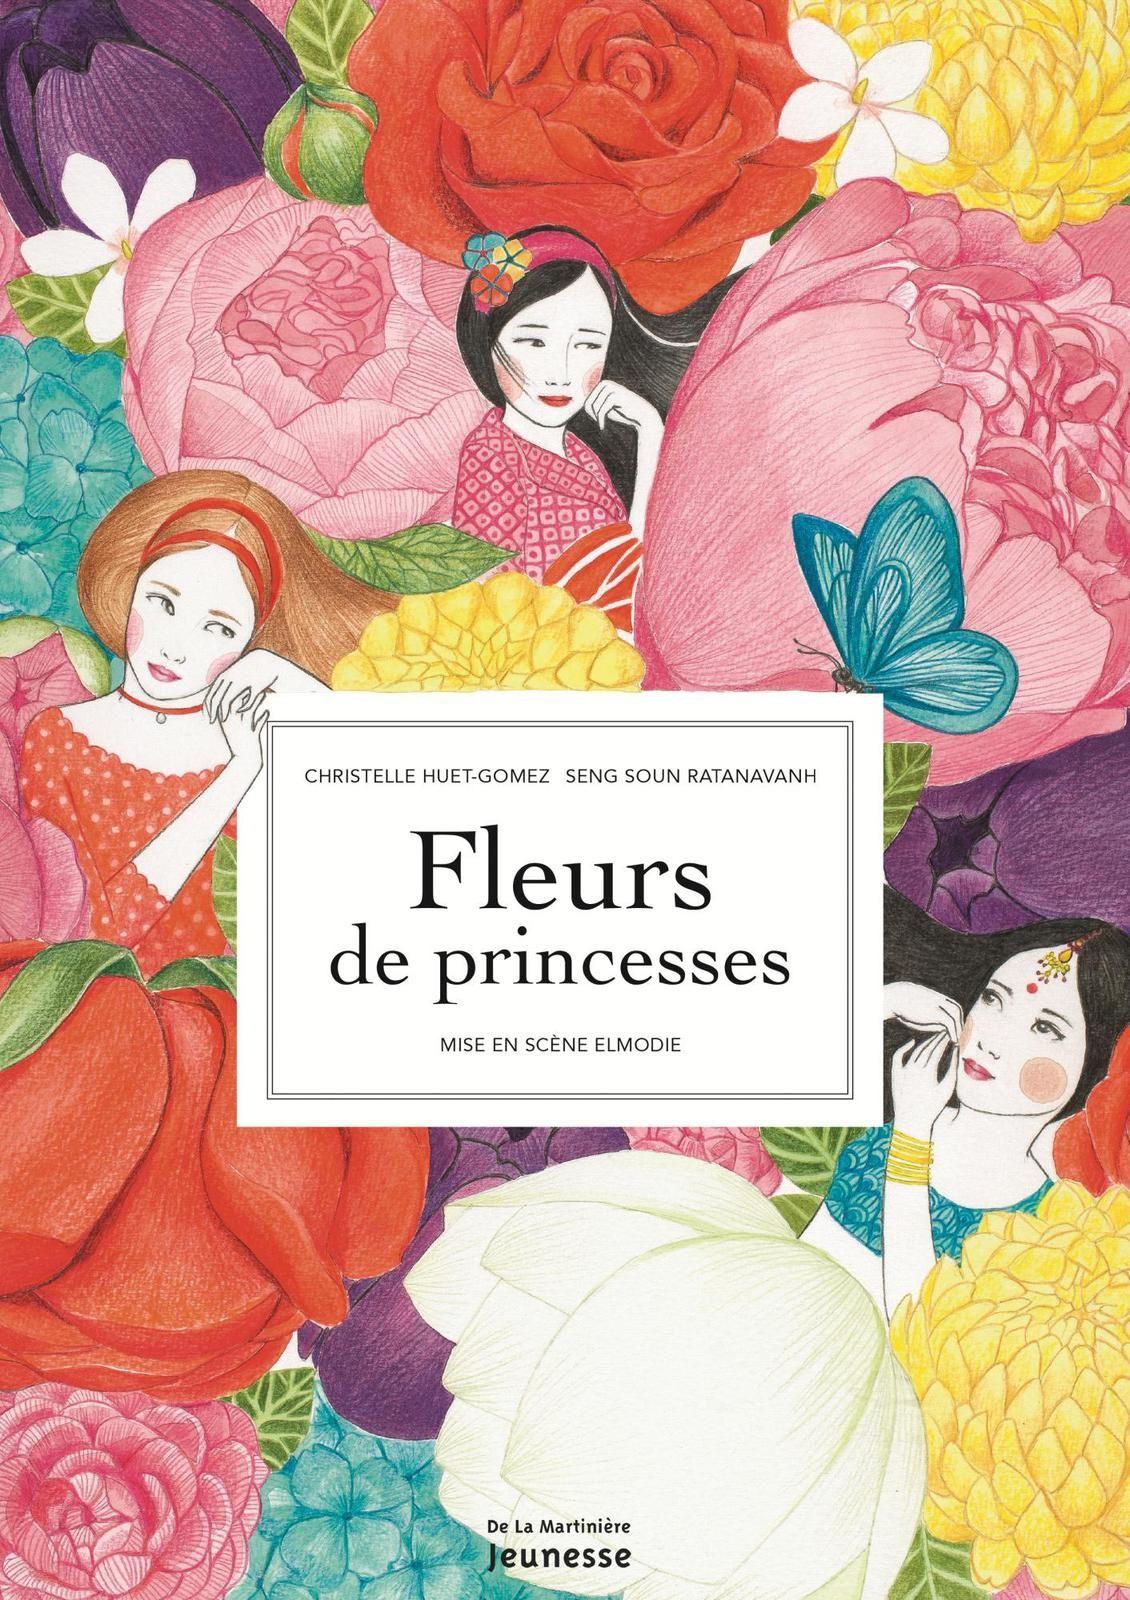 Fleurs de princesses Christelle Huet Gomez Seng Soun Ratanavanh